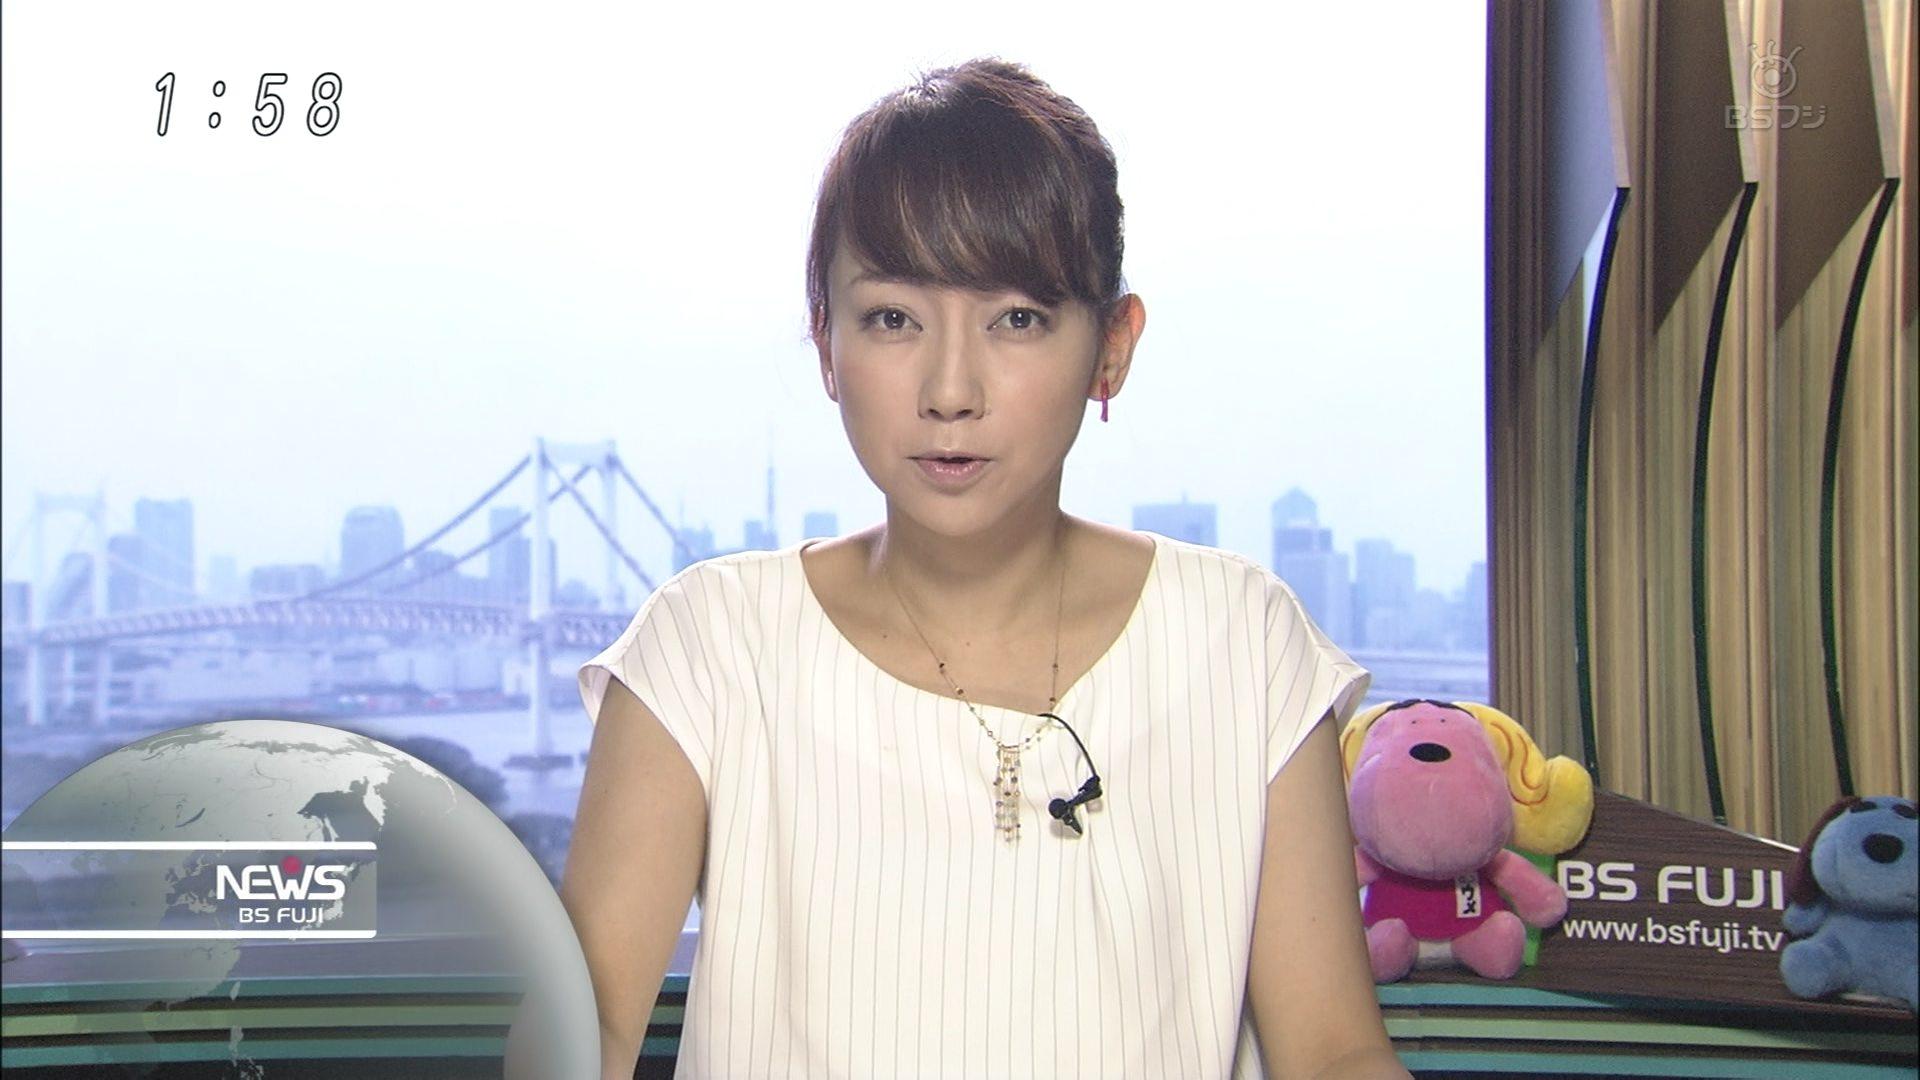 戸部洋子 BSフジニュース 0004